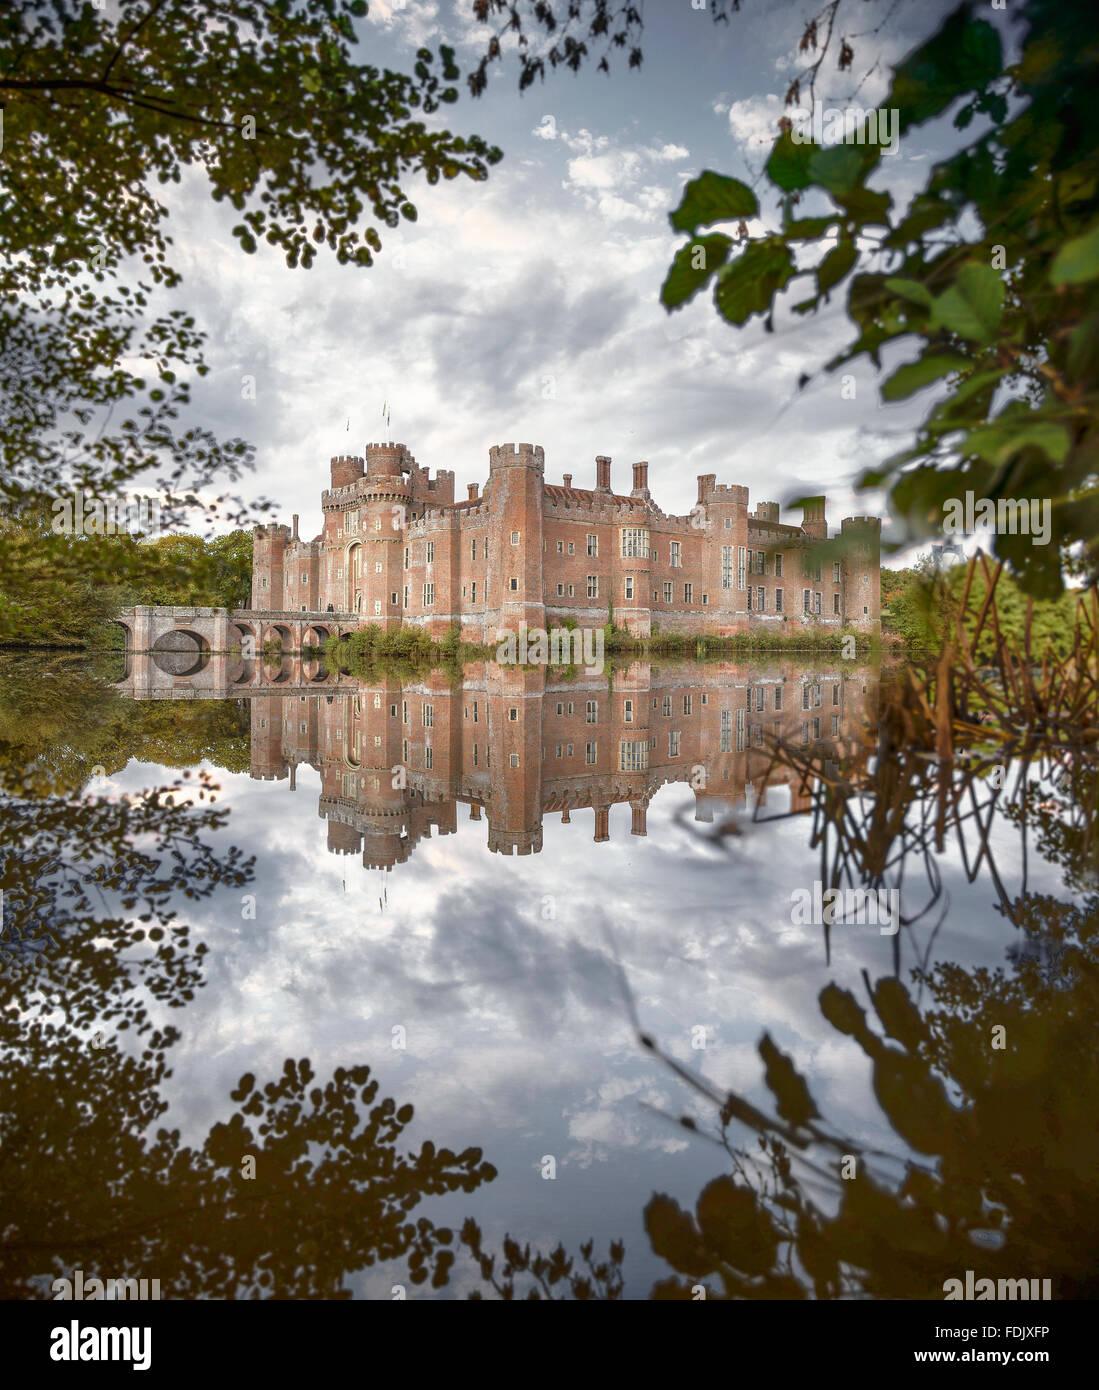 Herstmonceux Castle, East Sussex, England, UK - Stock Image